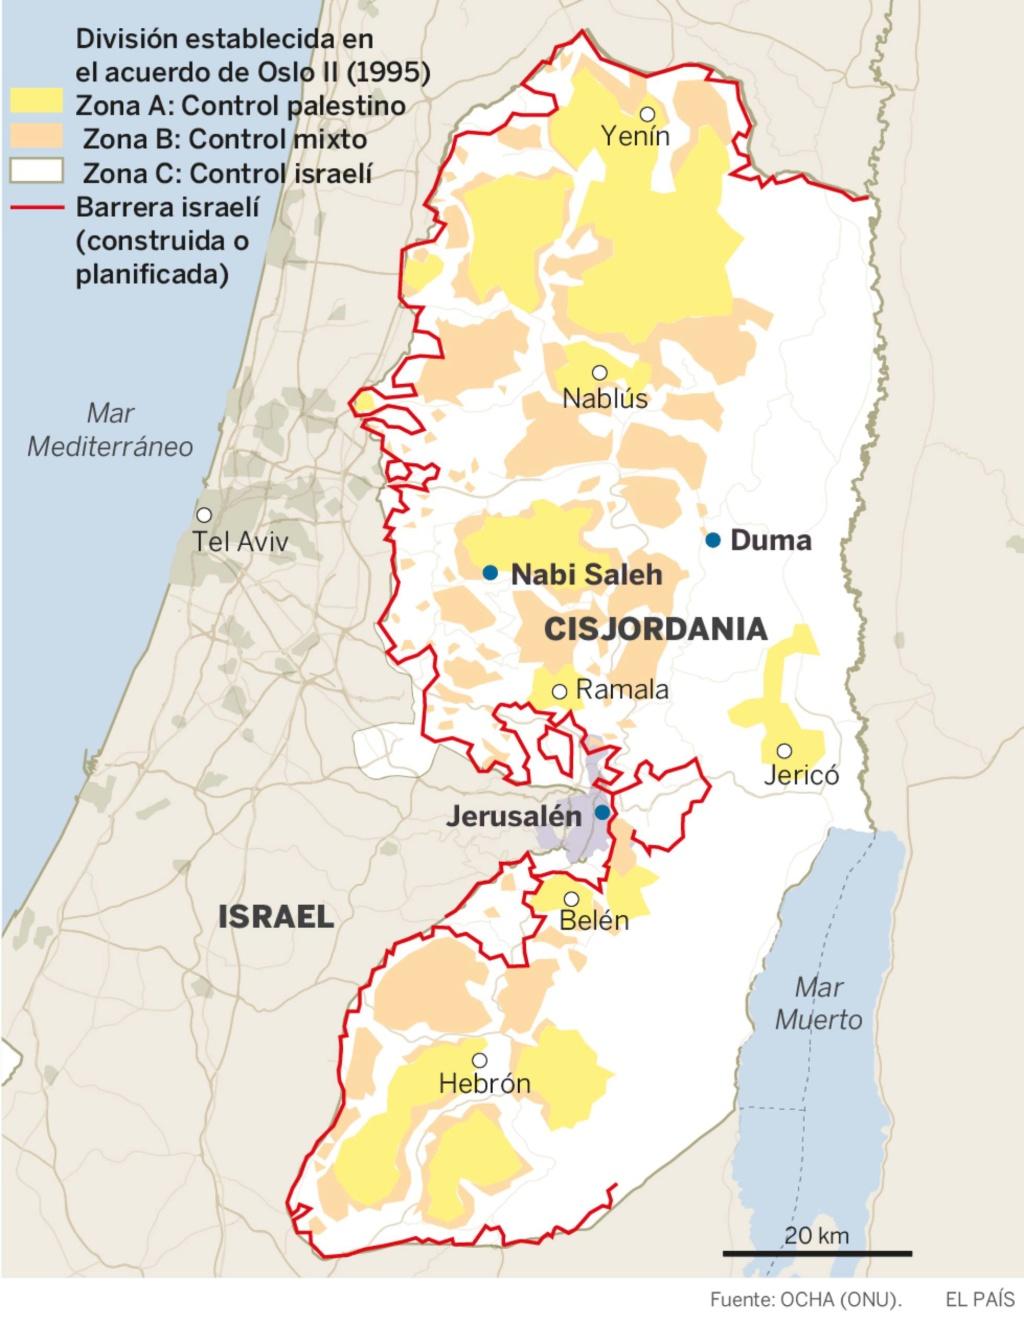 Palestina: Violencia ejercida por Israel en la ocupación. Respuestas y acciones militares palestinas. - Página 19 15489710